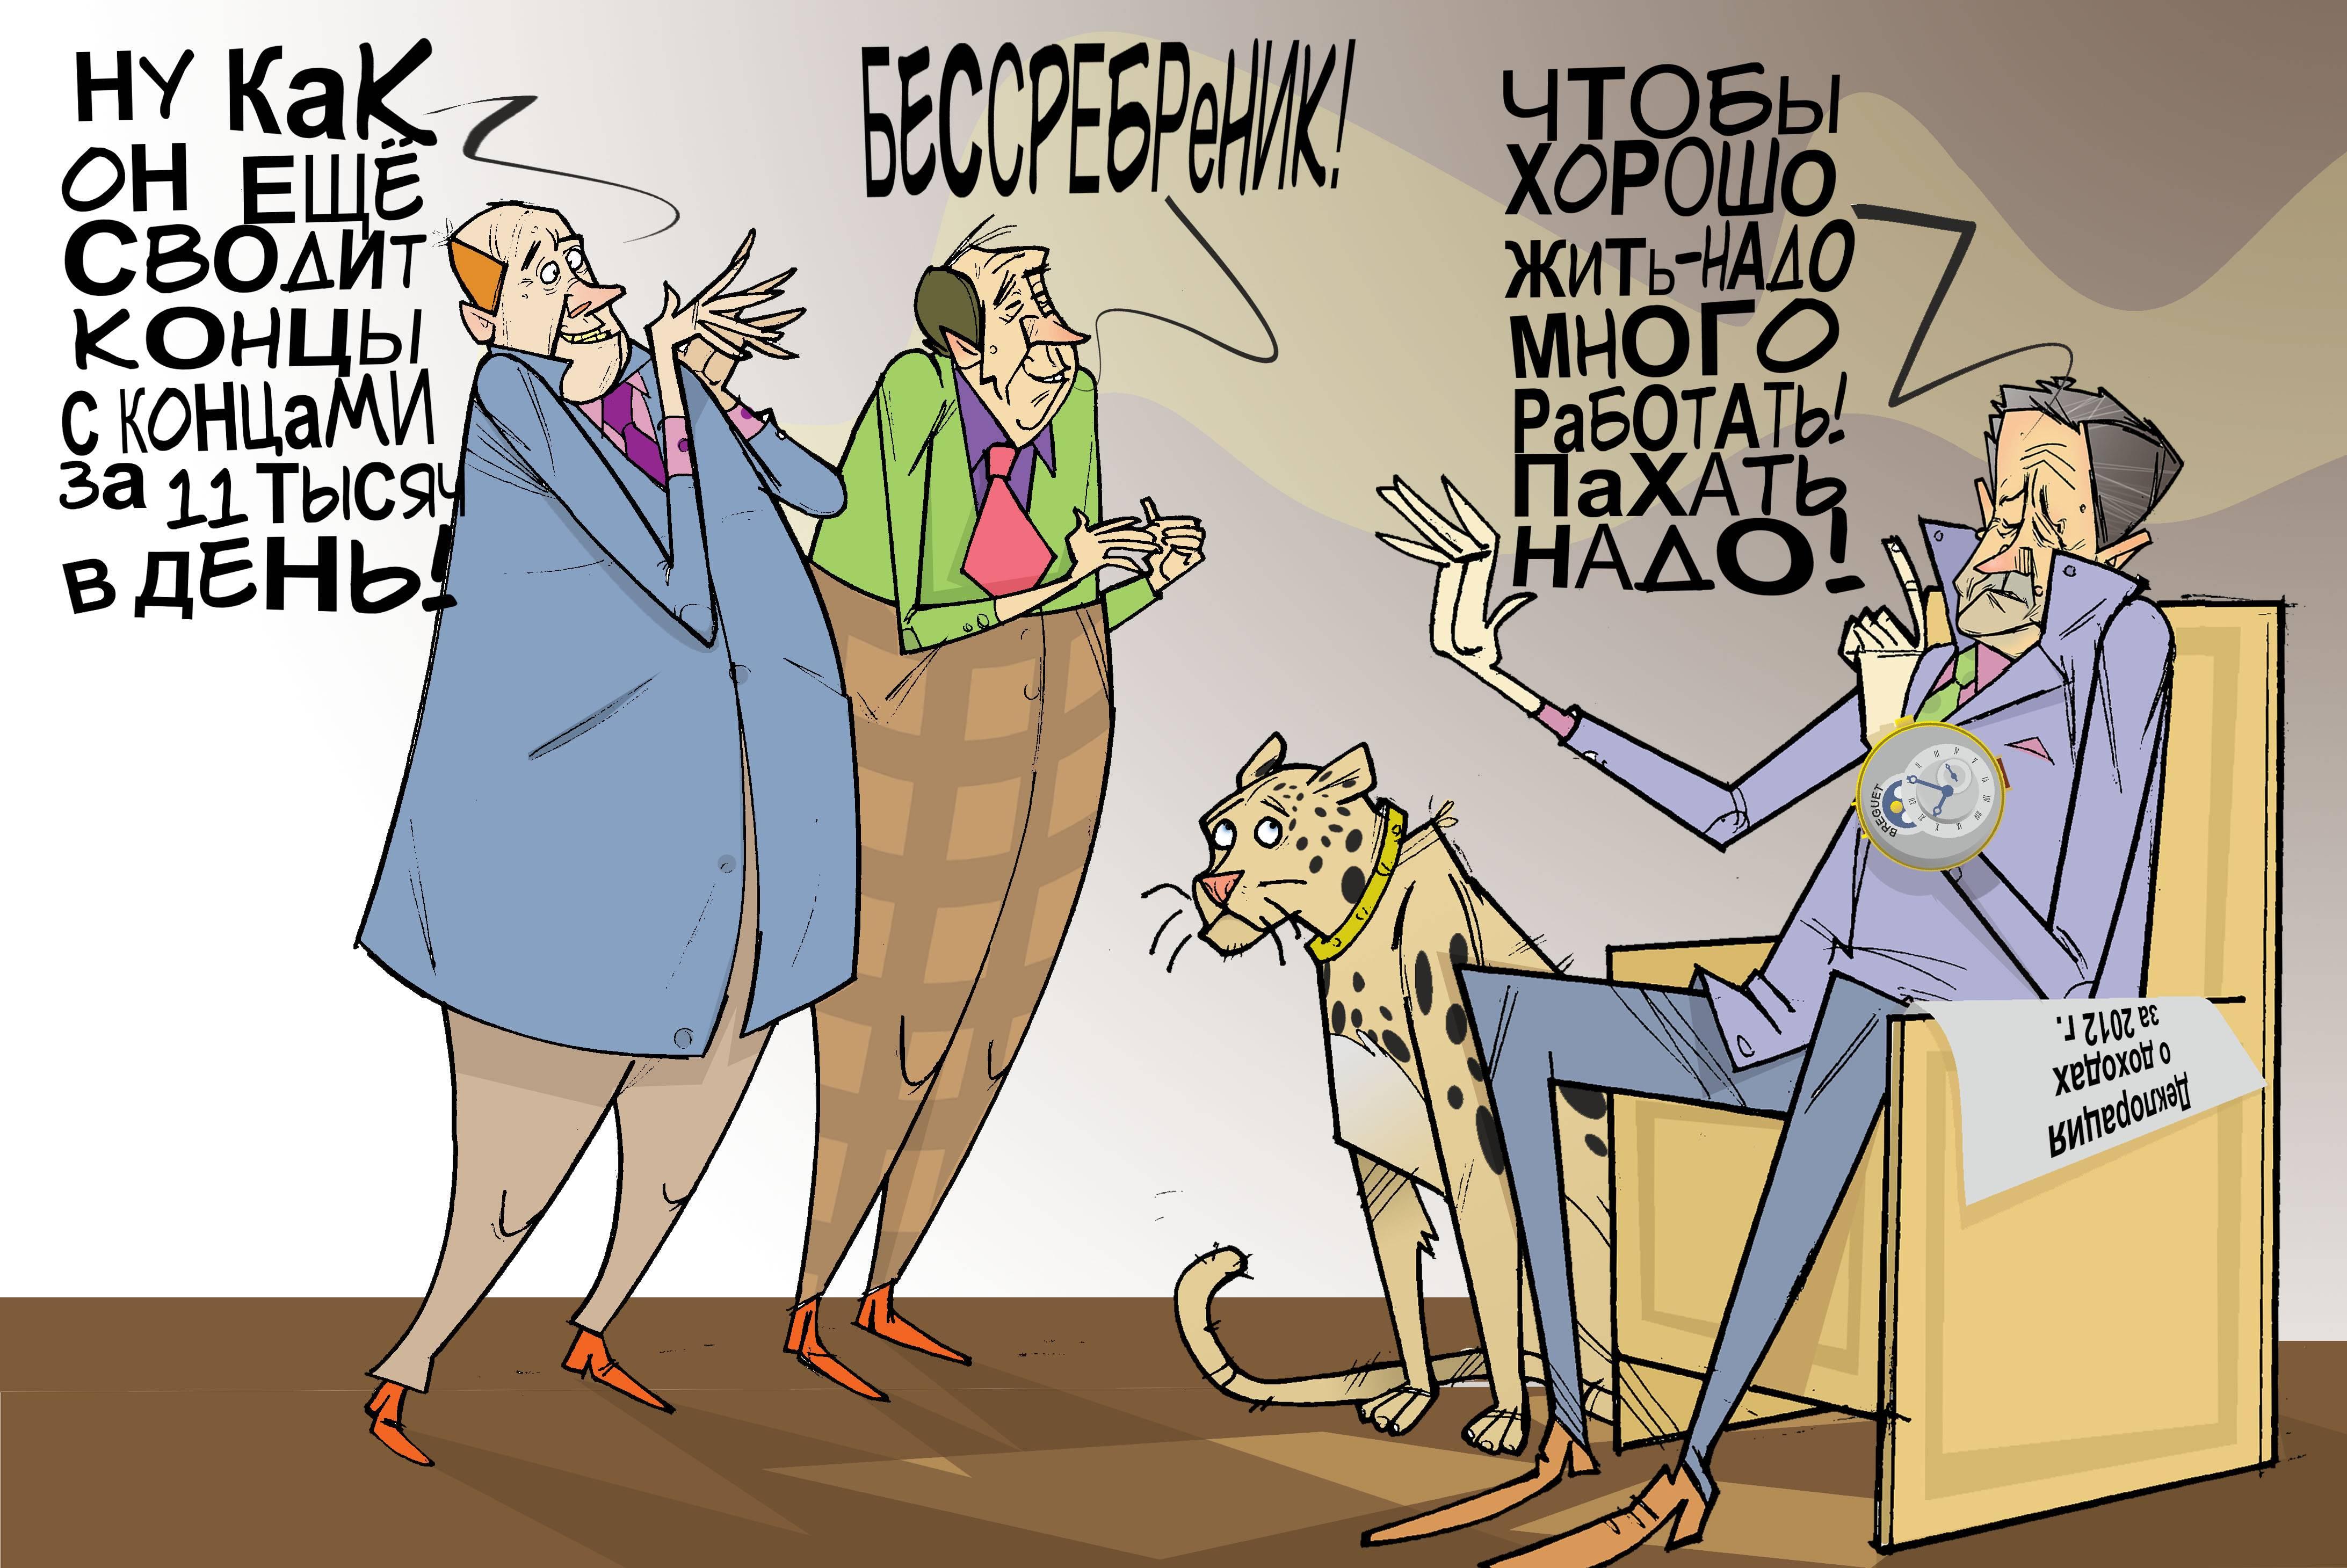 """Чтобы хорошо жить надо много работать? #Декларация о доходах #ПрезидентУР #Волков © Газета """"День"""" 2013"""